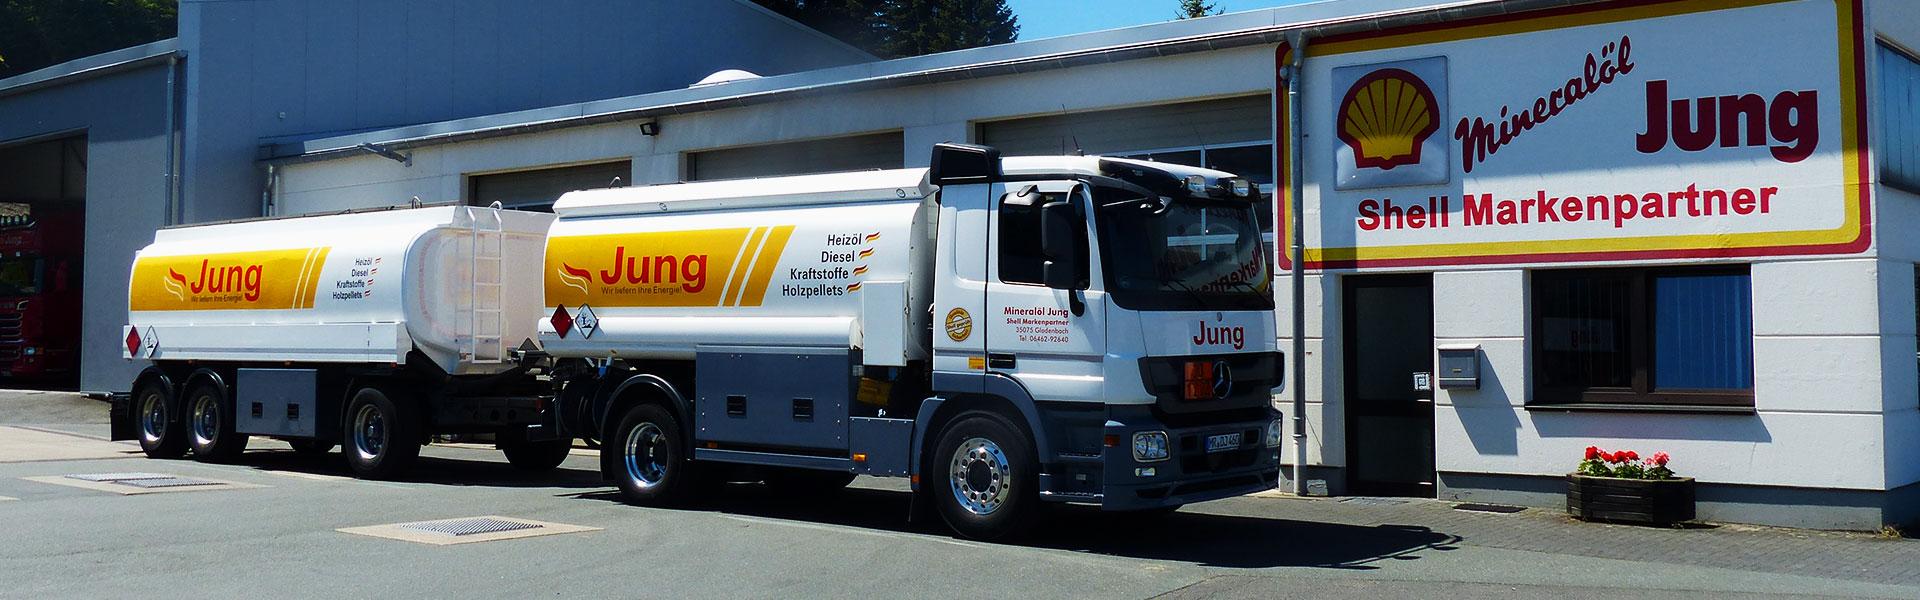 Mineralöl Jung GmbH - Startseite Slider 1